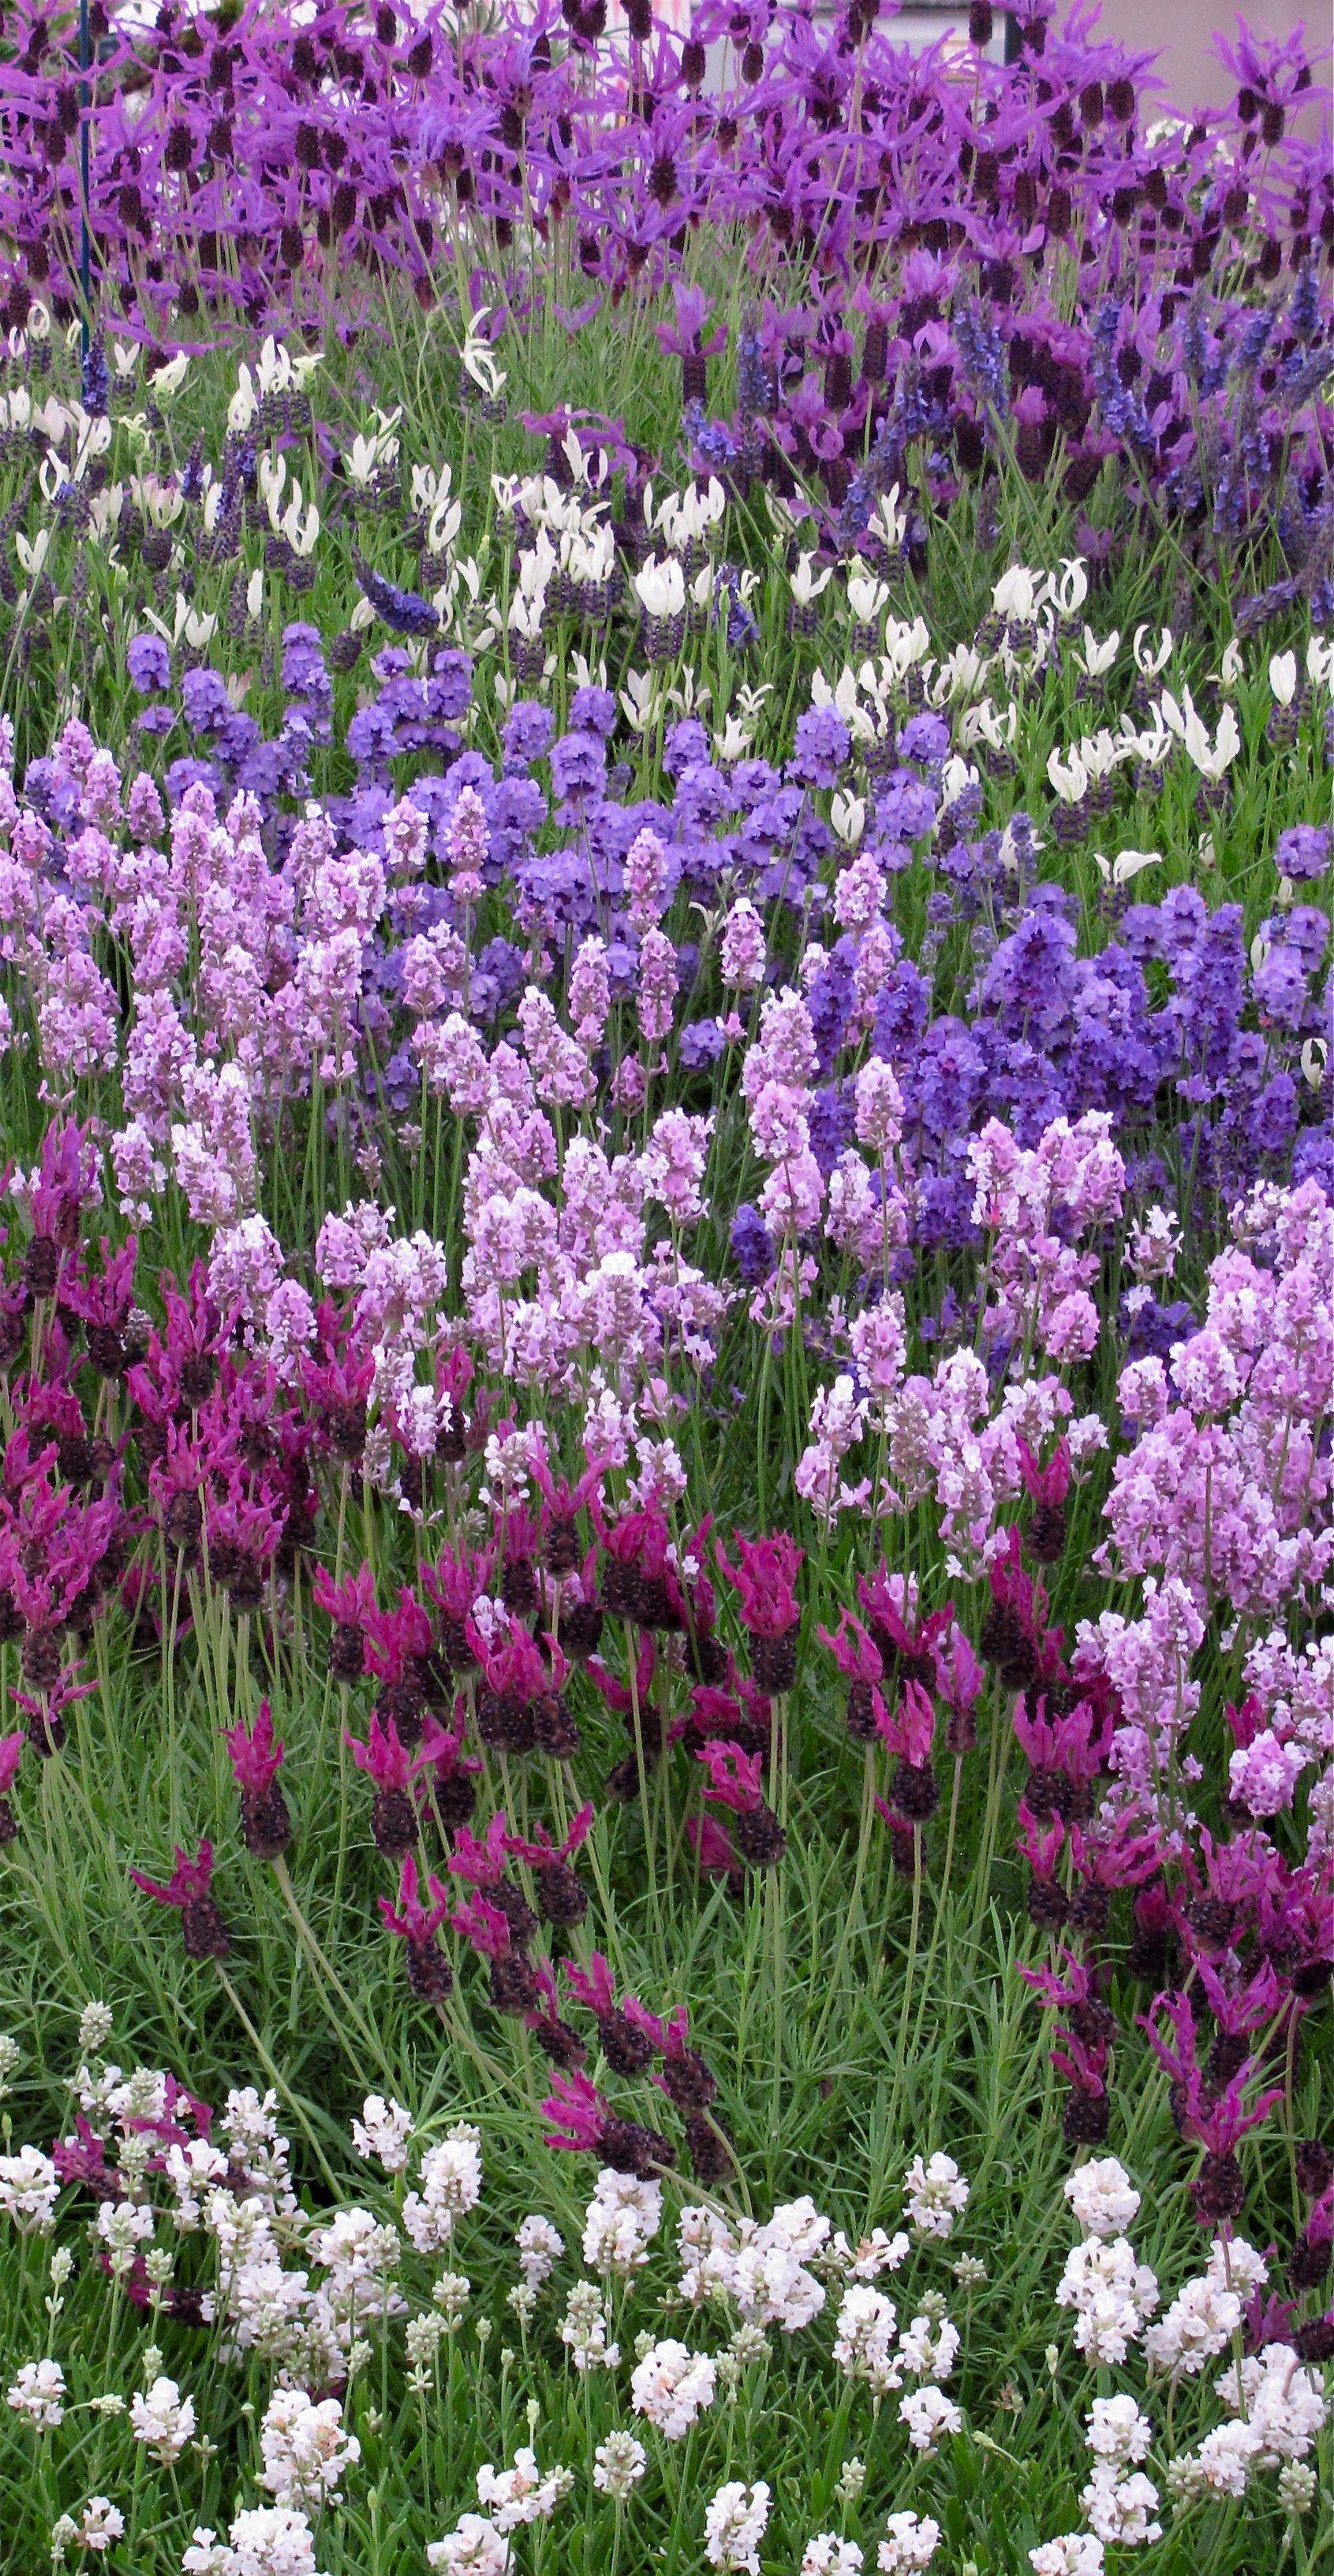 Rows Of U0027Angustifoliau0027 And U0027Stoechasu0027 Varieties Of Lavender In Different ...